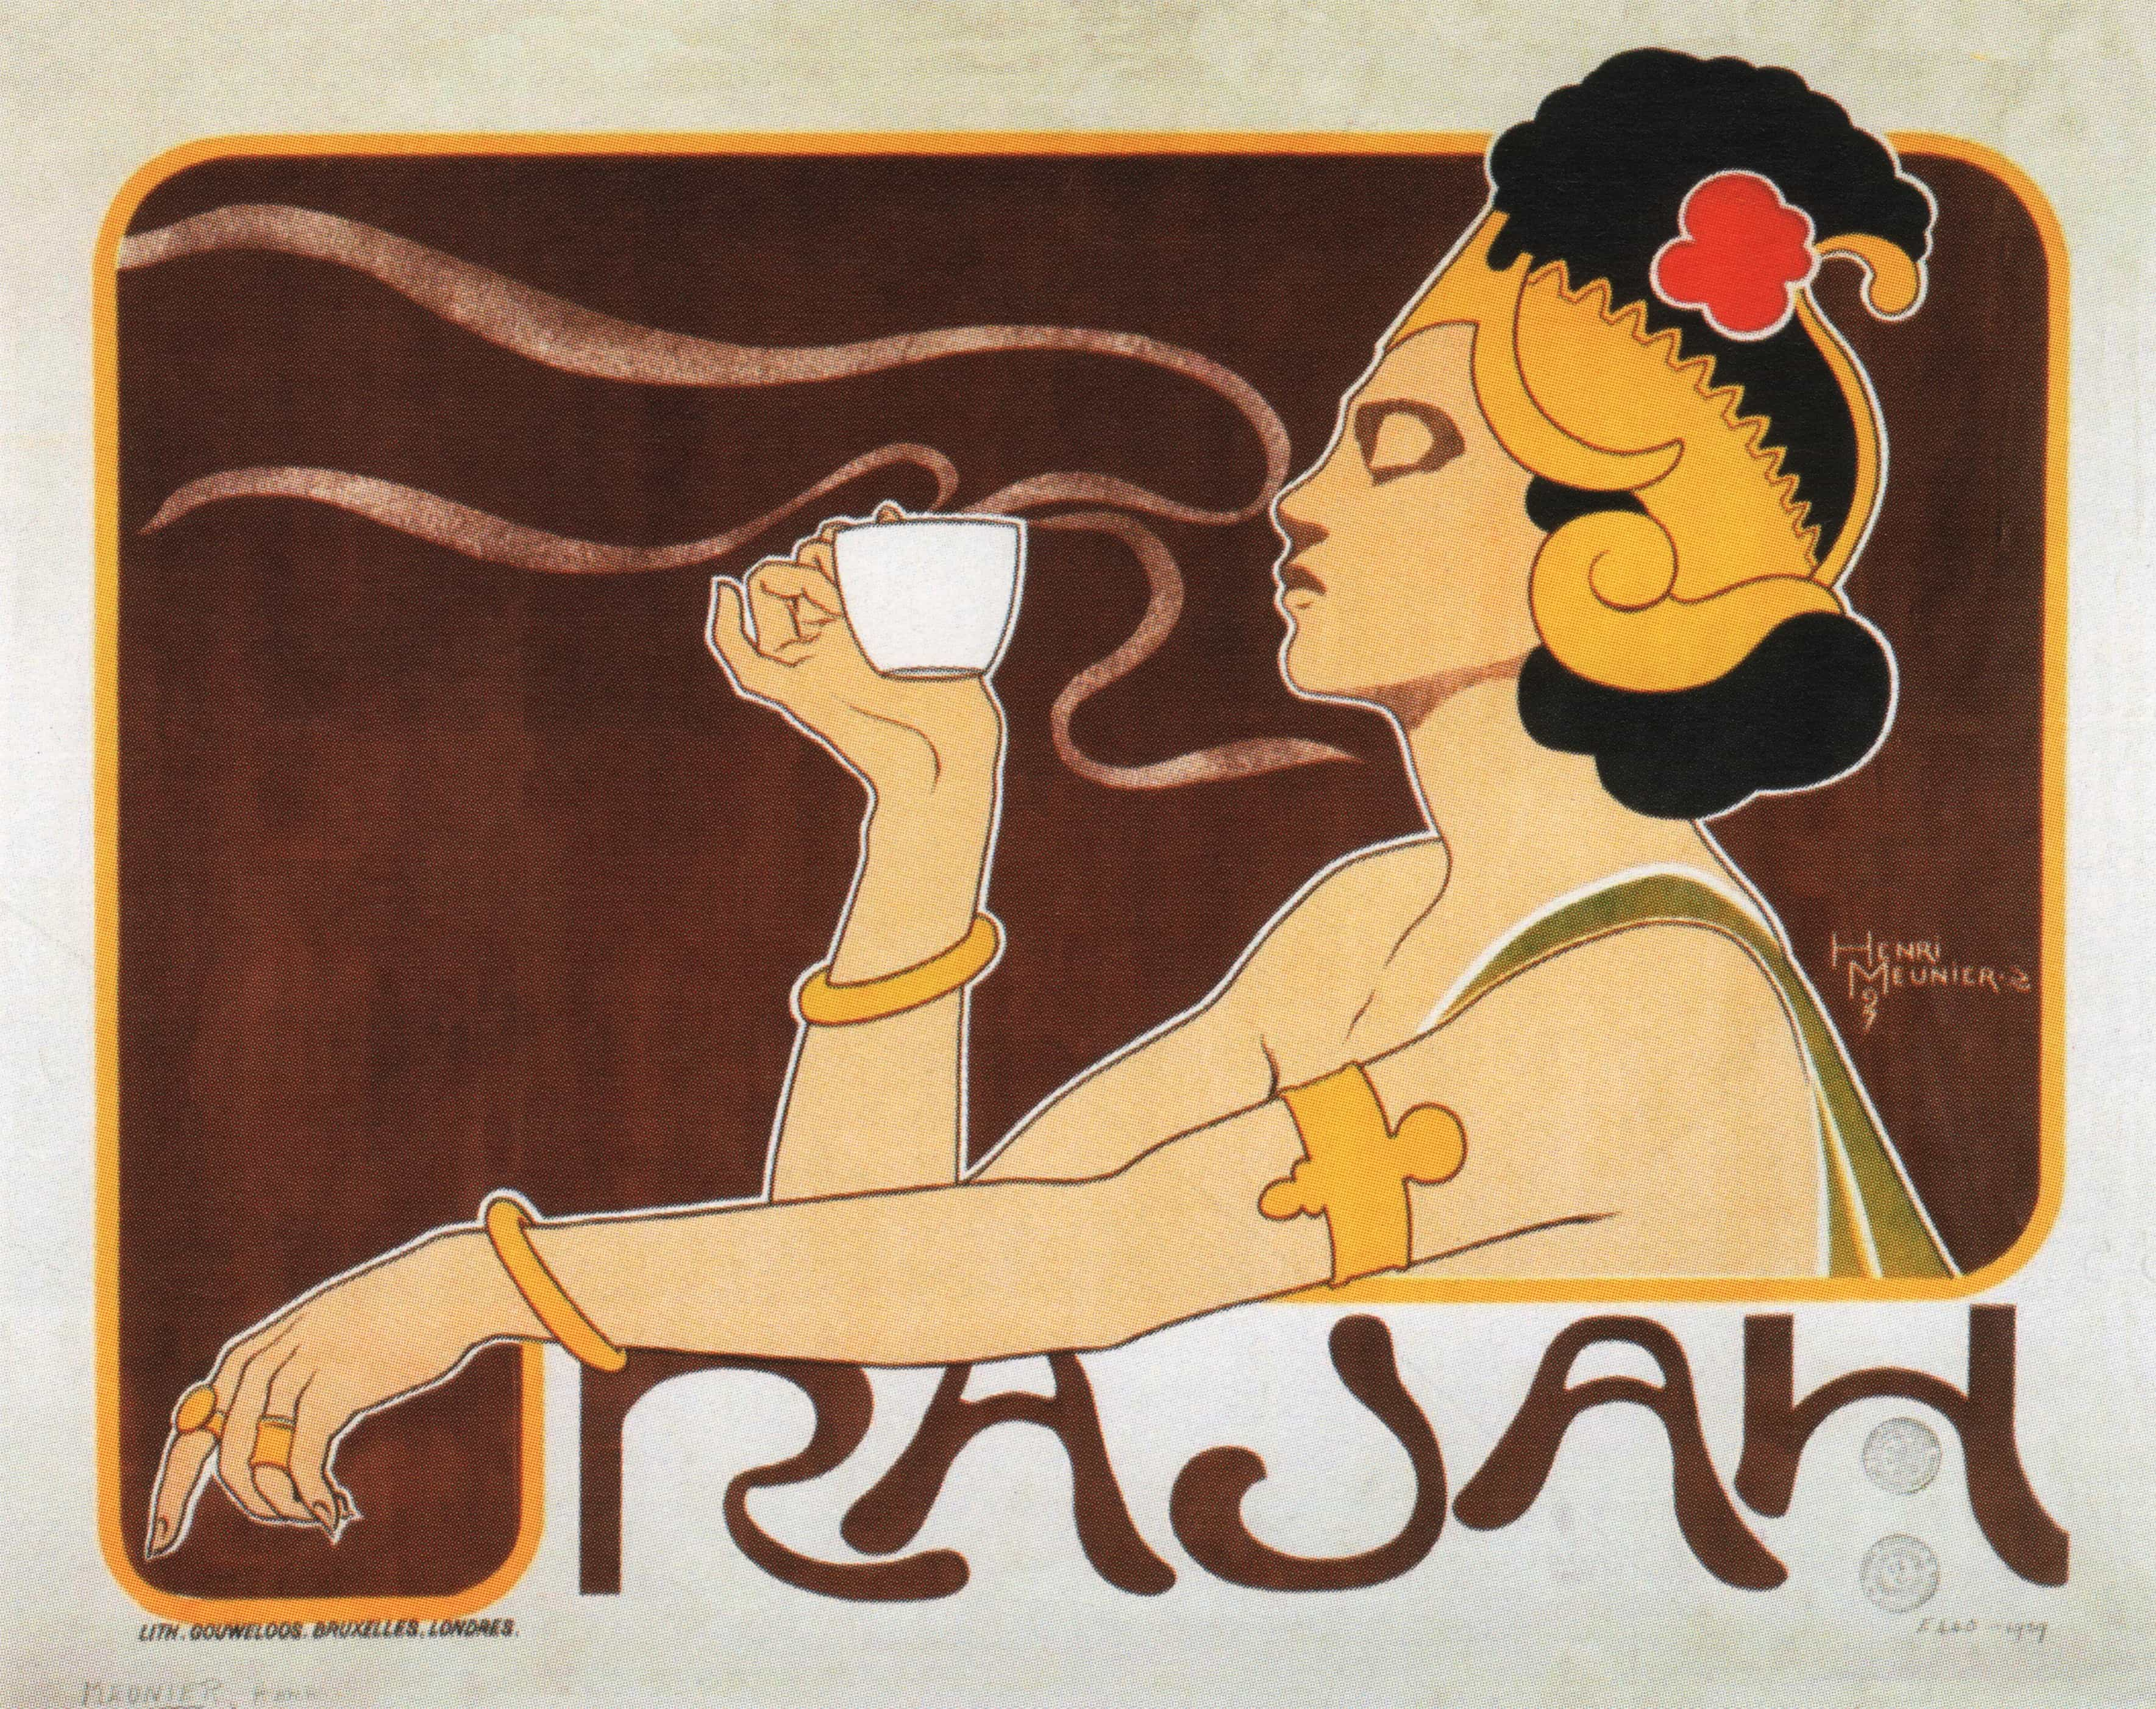 rajah vintage coffee poster art nouveau